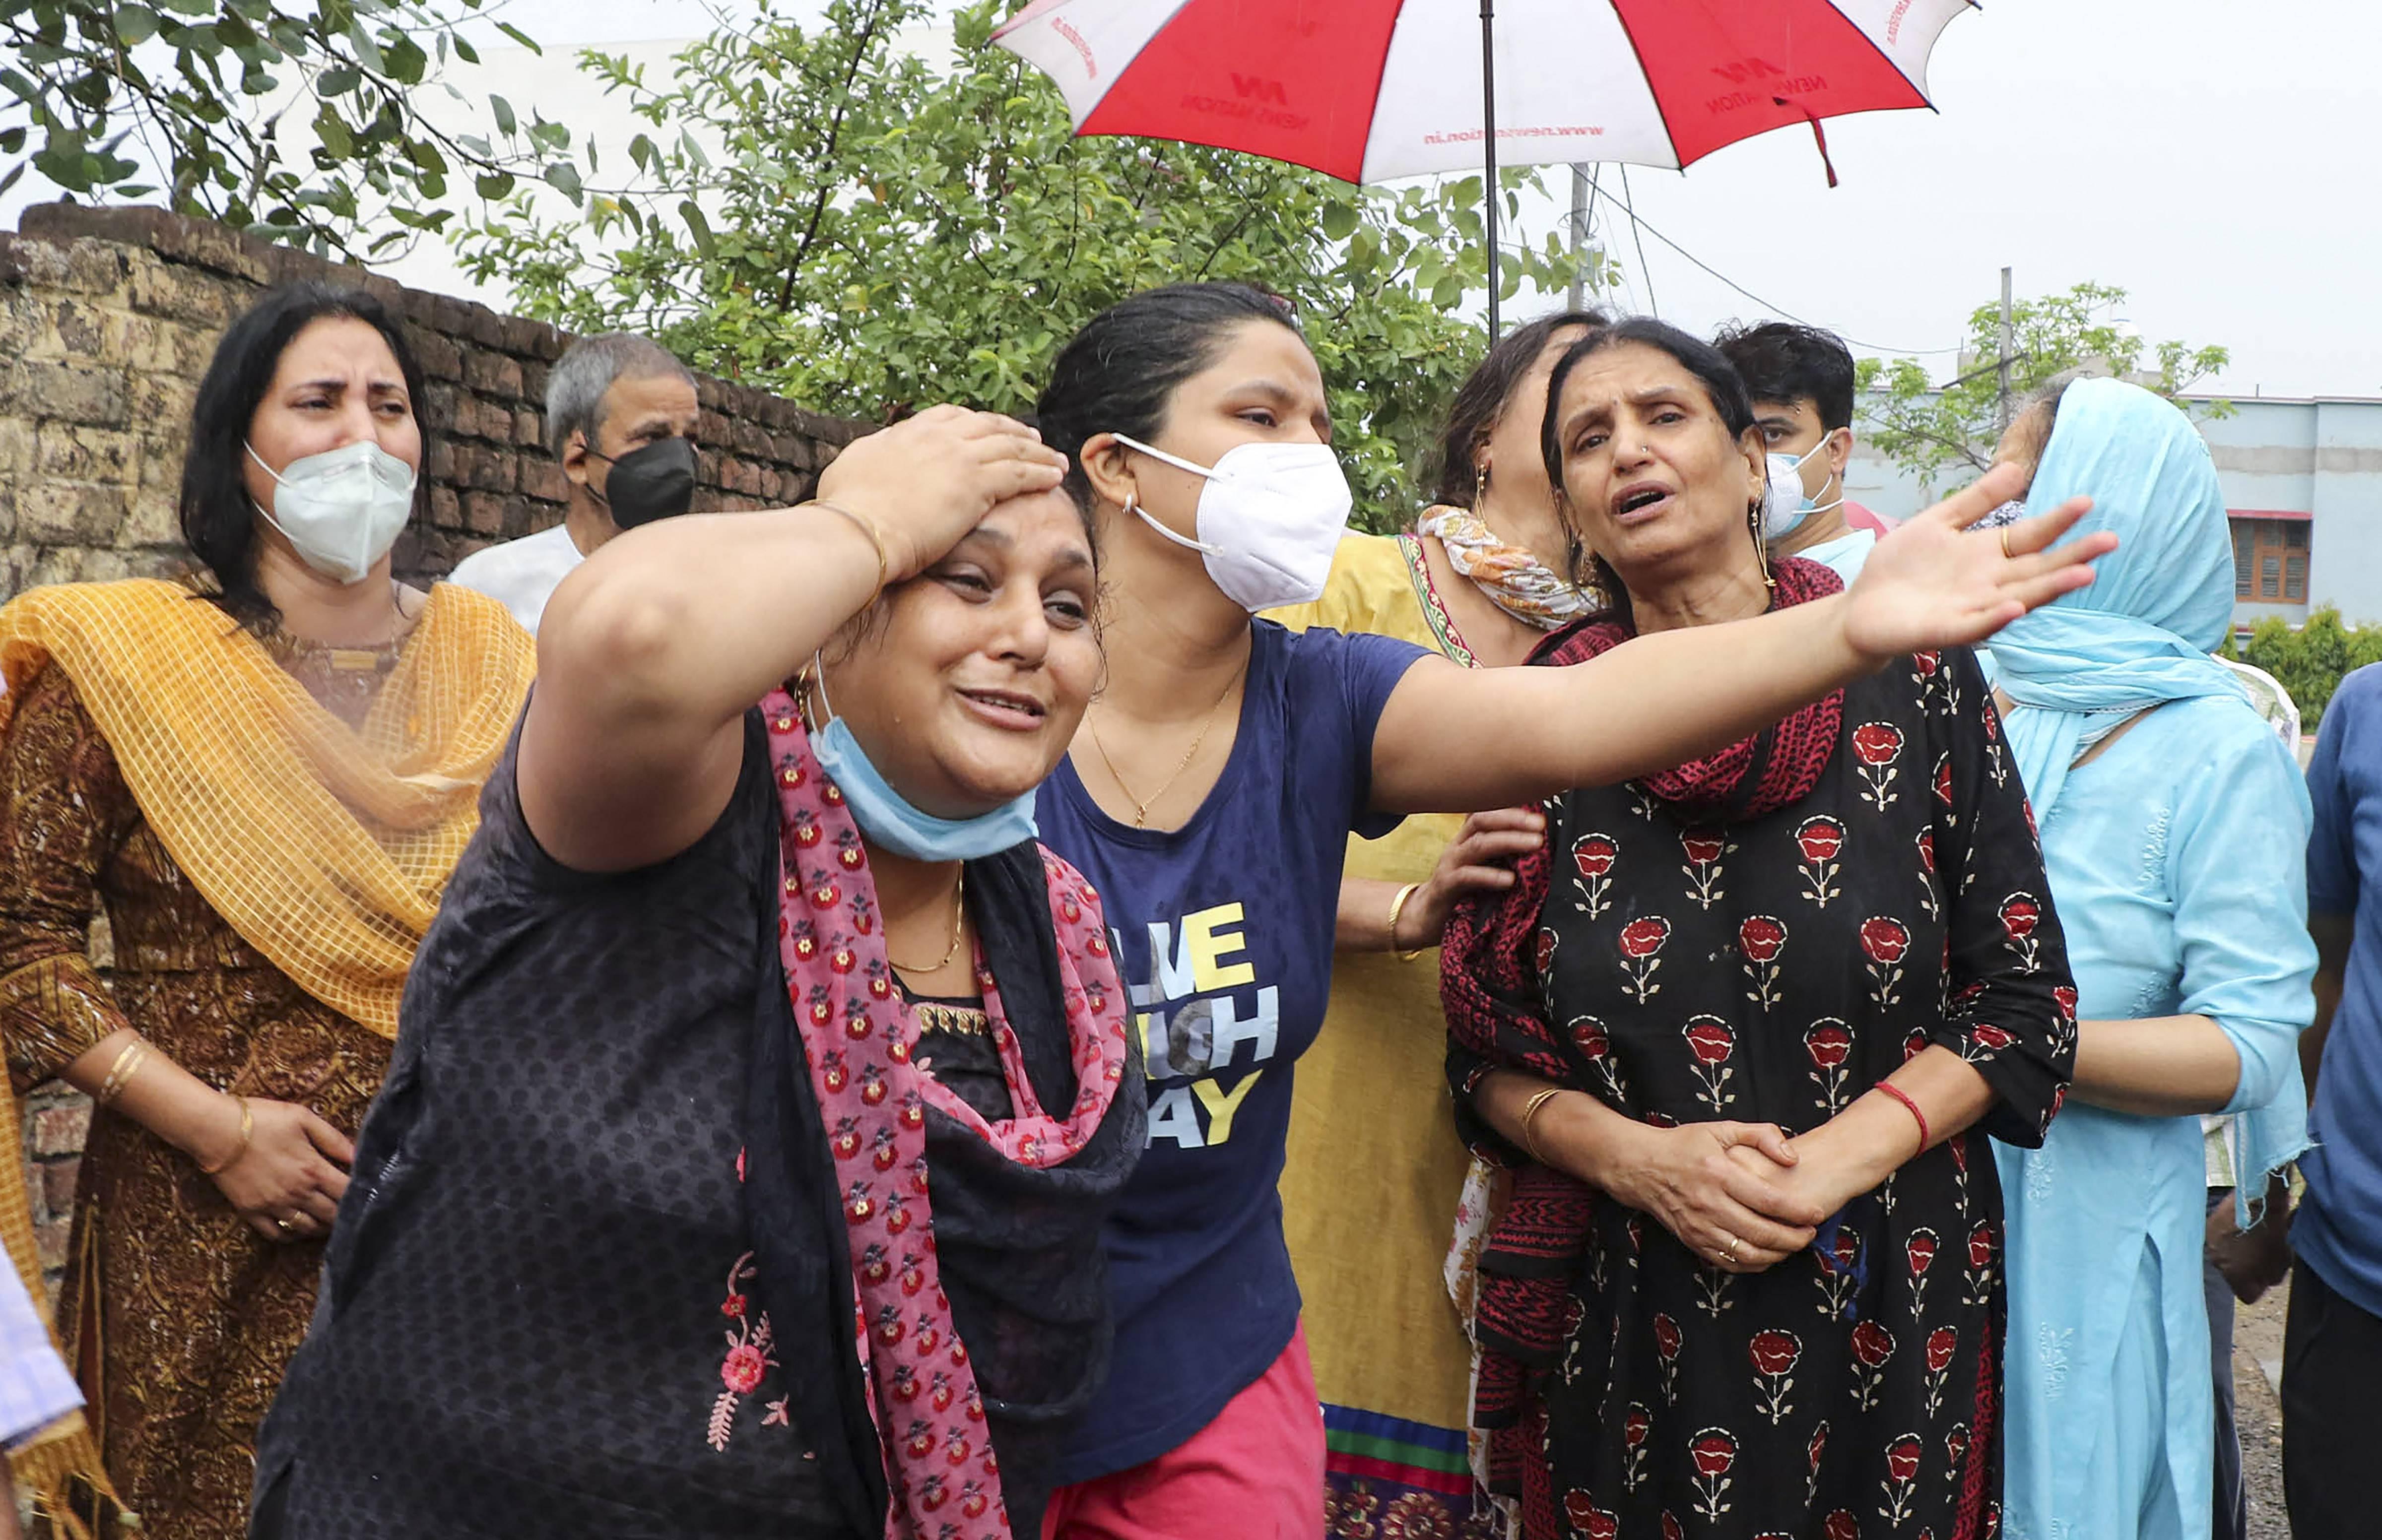 കശ്മീരില് കൊല്ലപ്പെട്ട ബിജെപി കൗണ്സിലര് രാകേഷ് പാണ്ഡ്യയുടെ ബന്ധുക്കളുടെ വിലാപം: ചിത്രങ്ങള് കാണാം